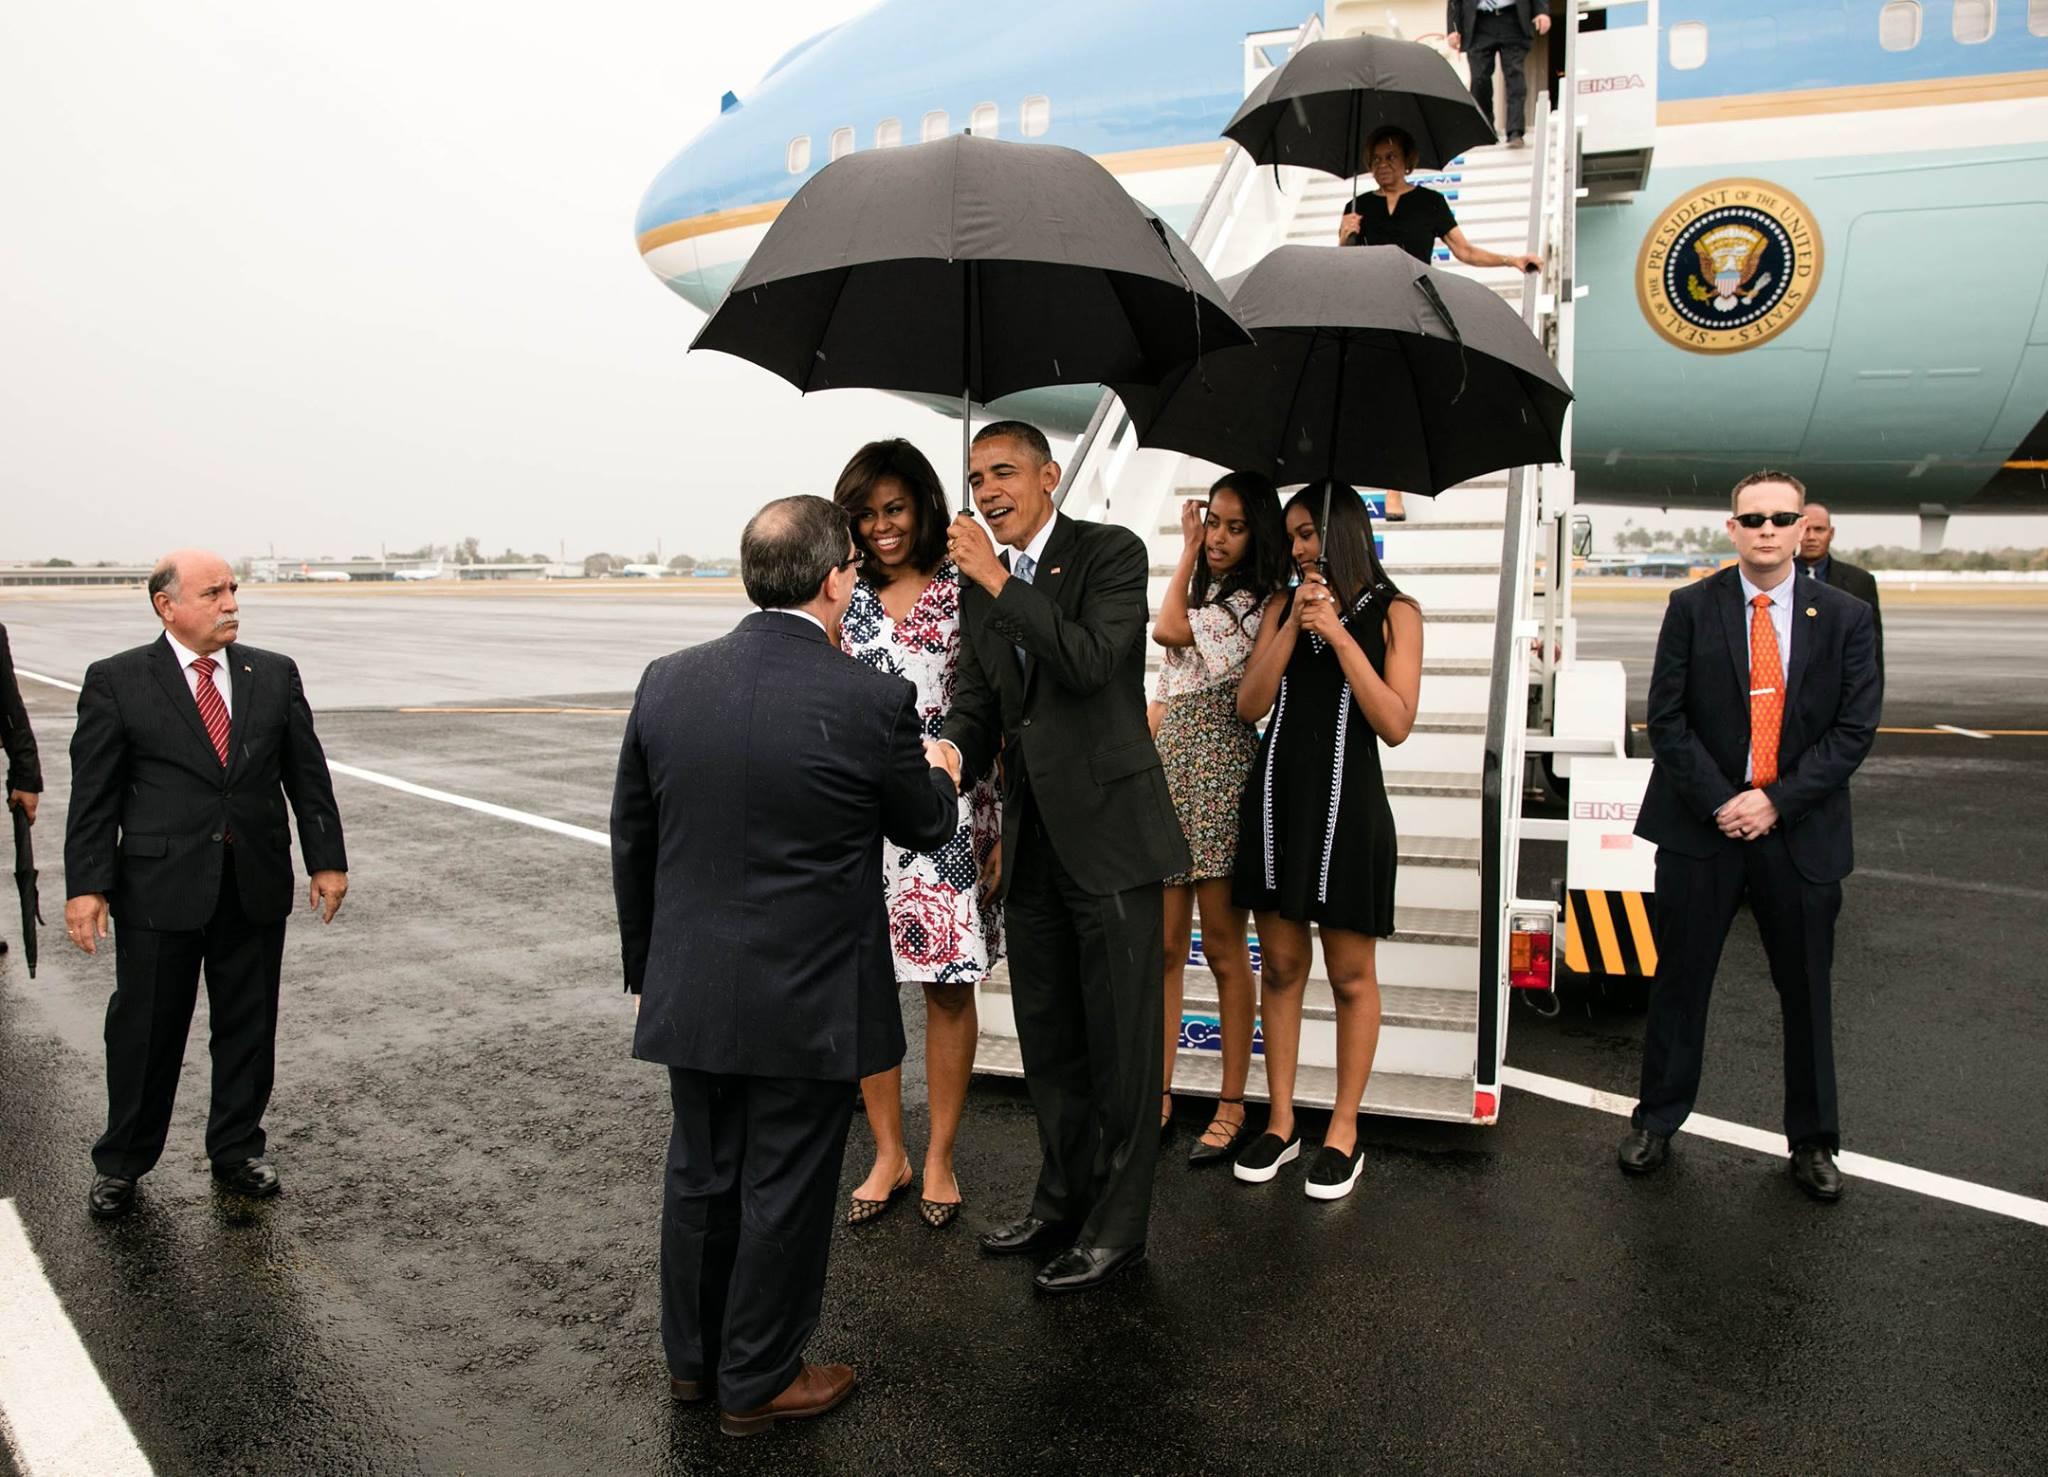 Обама: я прибыл на Кубу, чтобы положить конец остаткам Холодной войны